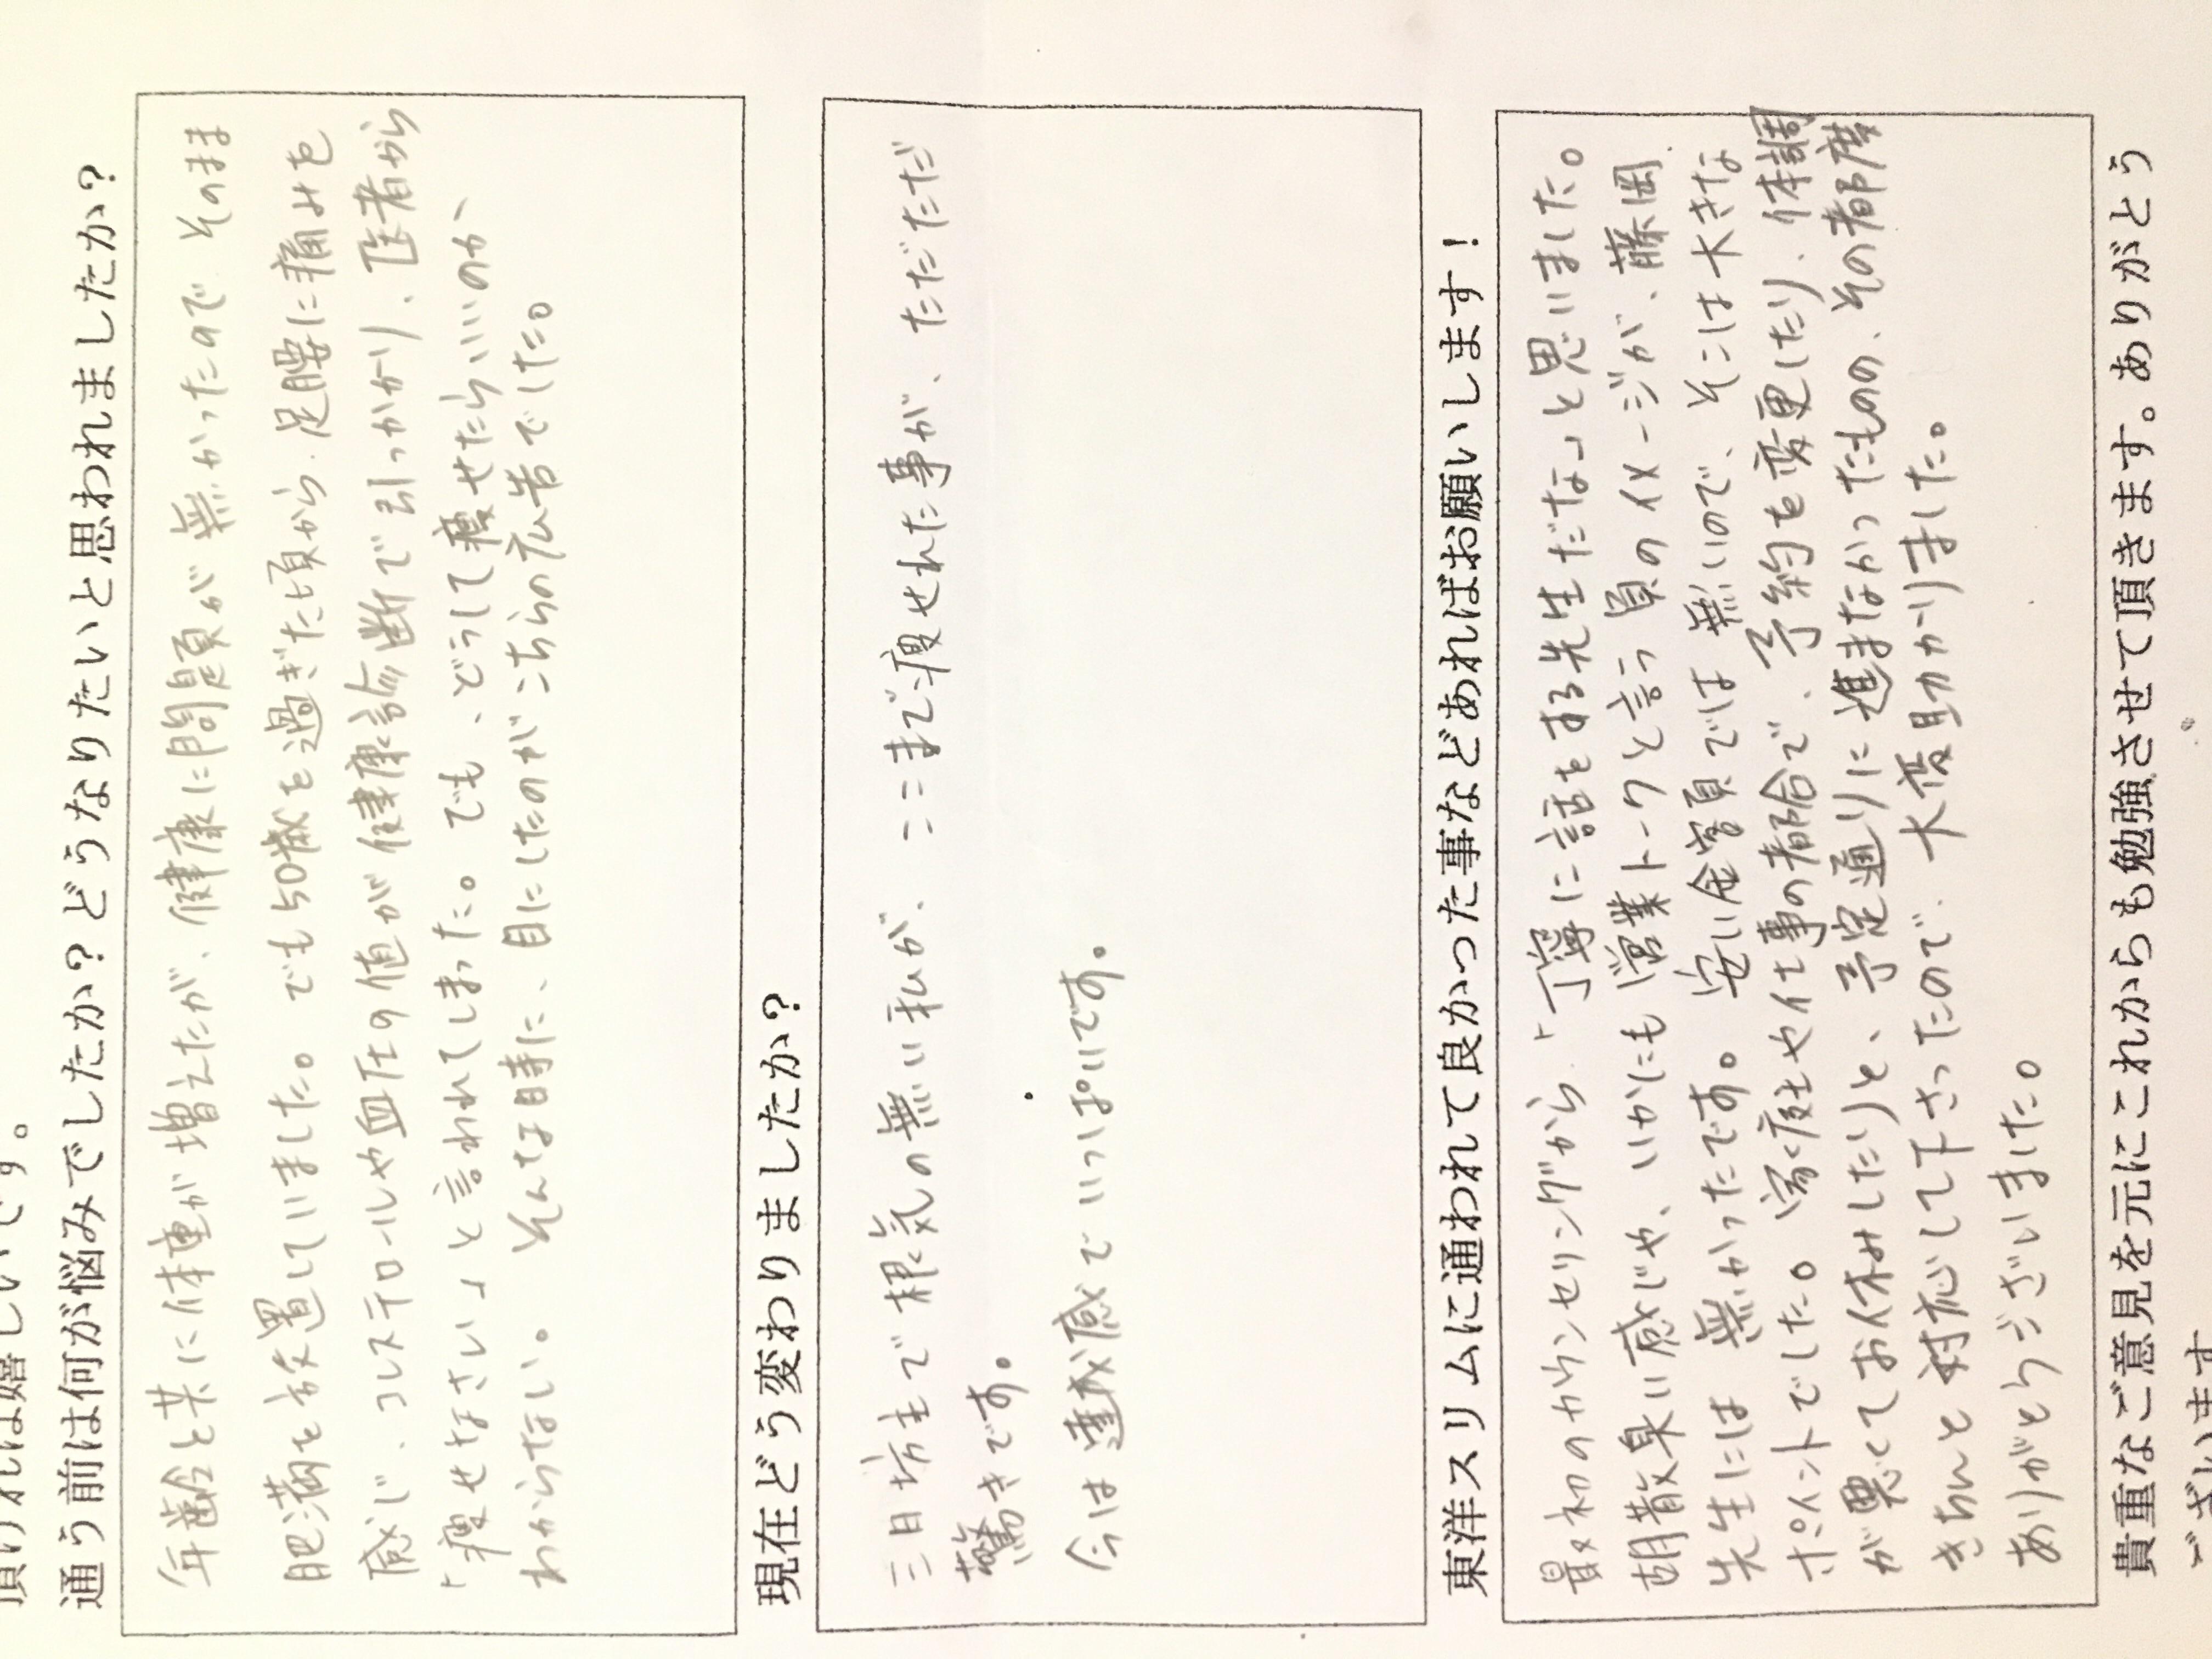 [皆様の声]大阪府富田林市Kさん(50代)耳ツボダイエット-22kg成功。コレステロールわ血圧が健康診断で引っかかり…